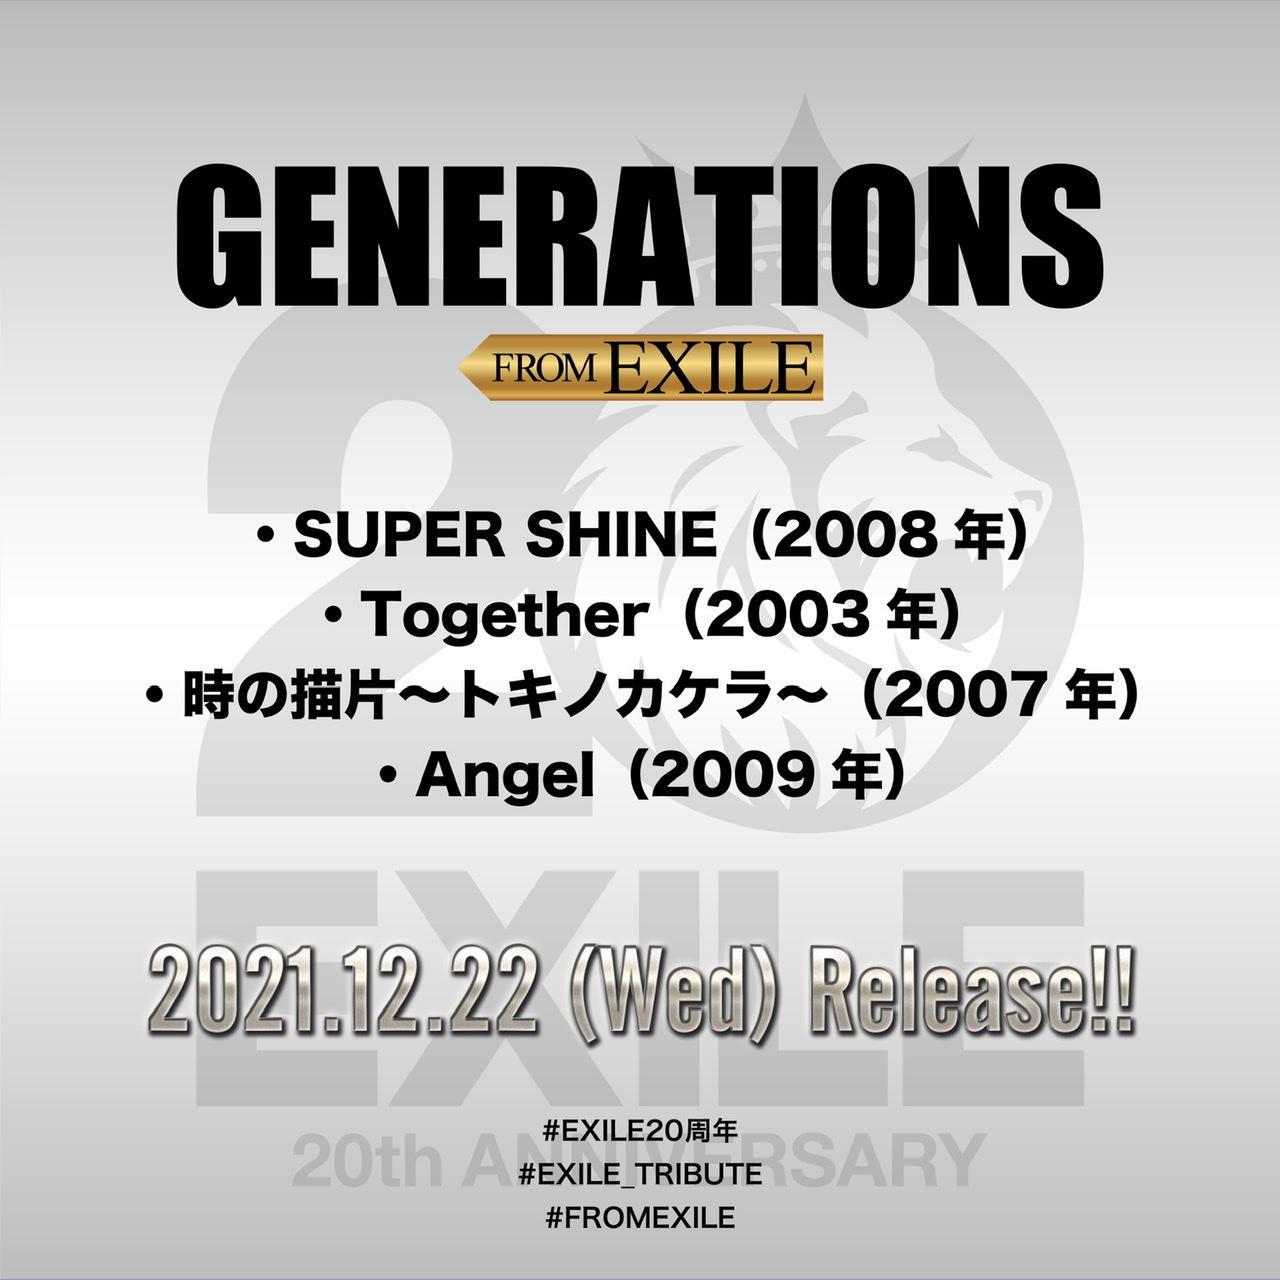 画像4: EXILE20周年を記念してJr.EXILEがトリビュートシングルを12月にリリース